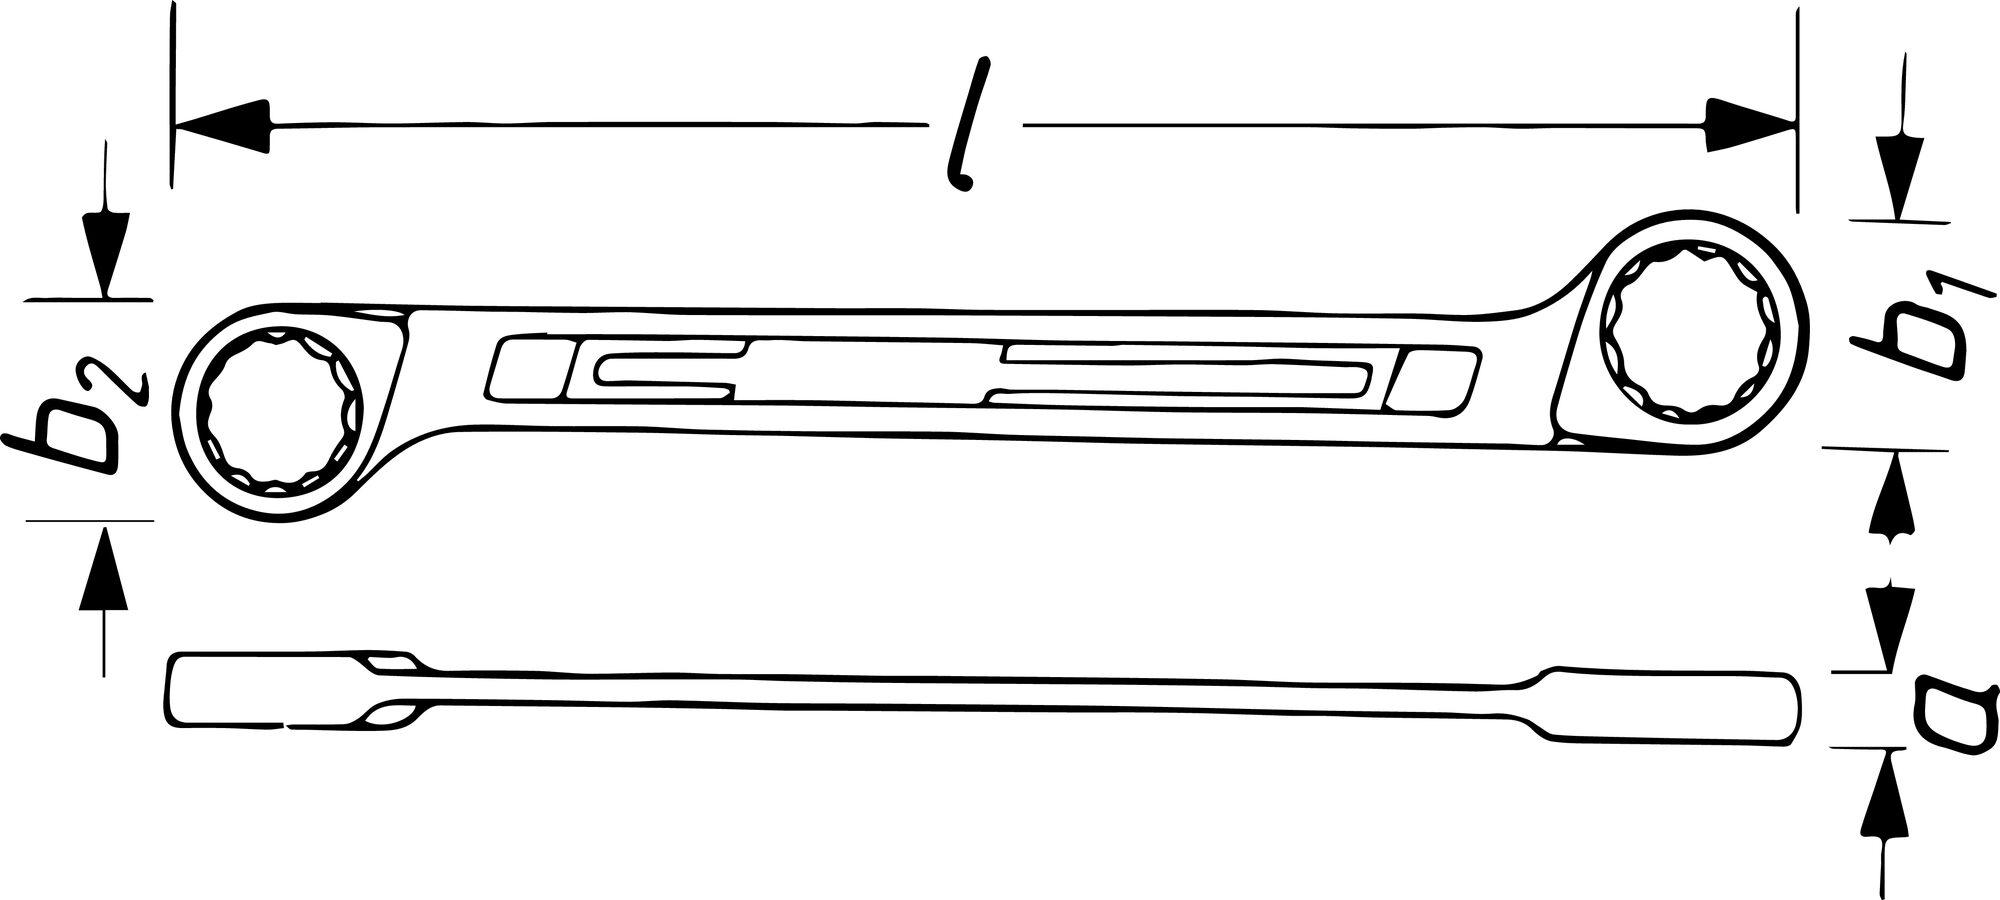 HAZET Doppel-Ringschlüssel 610N-27X32 ∙ Außen-Doppel-Sechskant-Tractionsprofil ∙ 27 x 32 mm